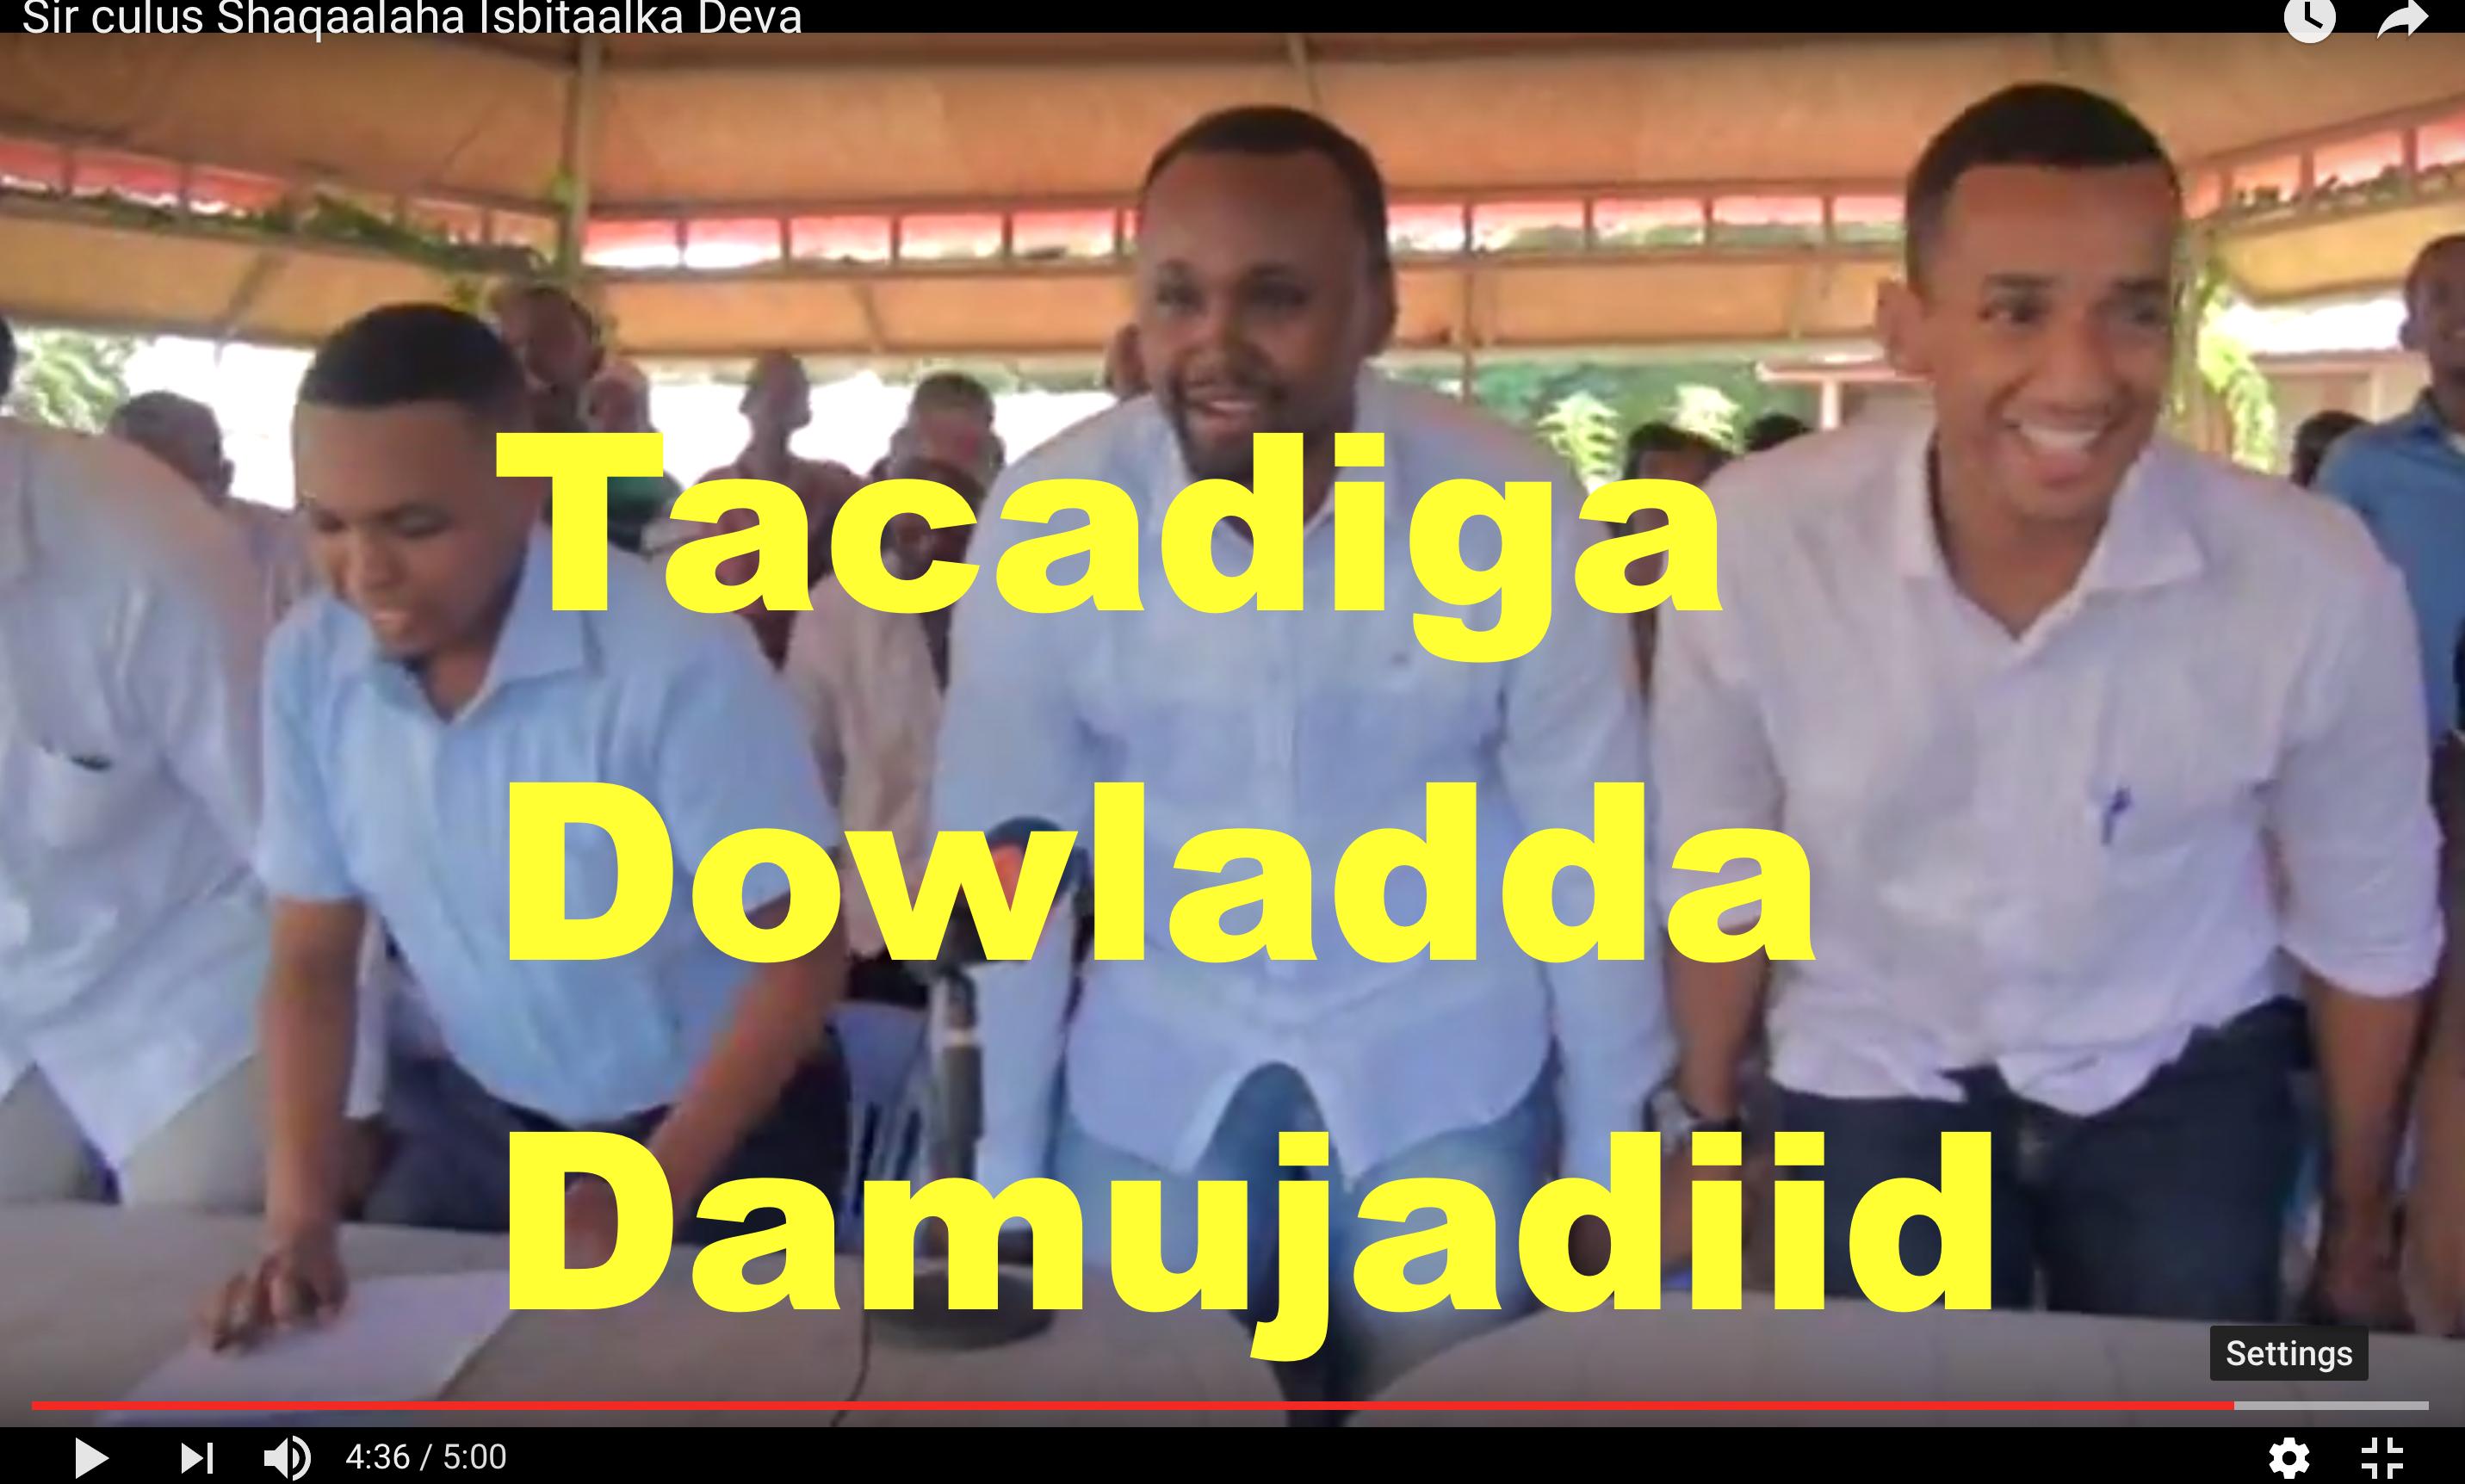 [Daawo] tacadigga Dowladda Damujadiid ku kacday - shaqaalahii Deva Hospital iyo Bukaanadii laga eryay?